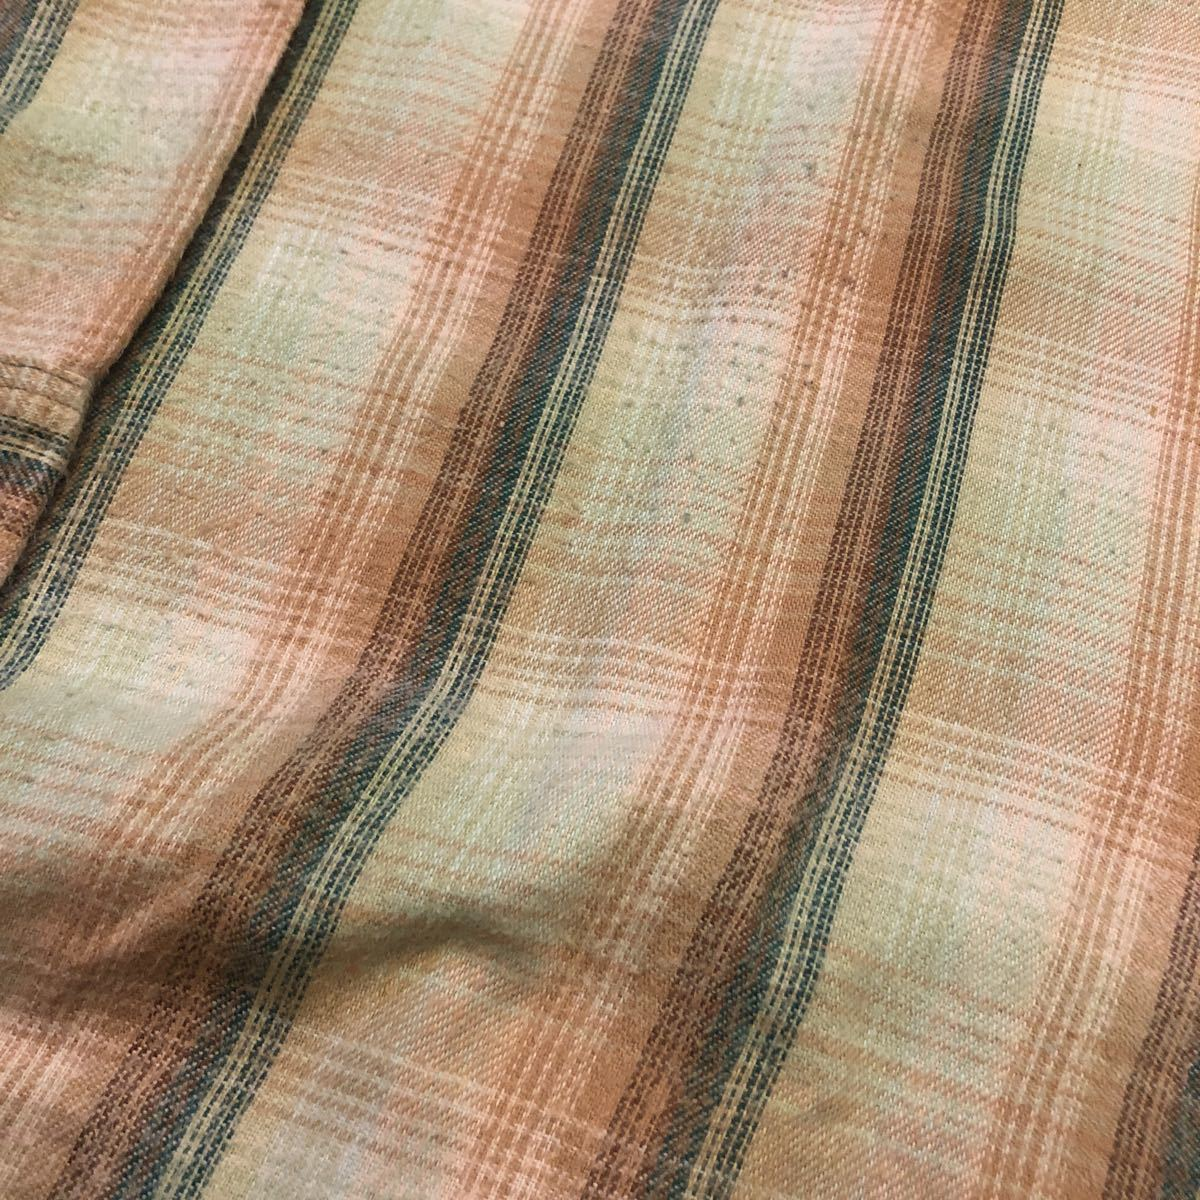 70s BIGMAC ビッグマック ネルシャツ レアカラー ビッグサイズ ビンテージ ut438_画像3